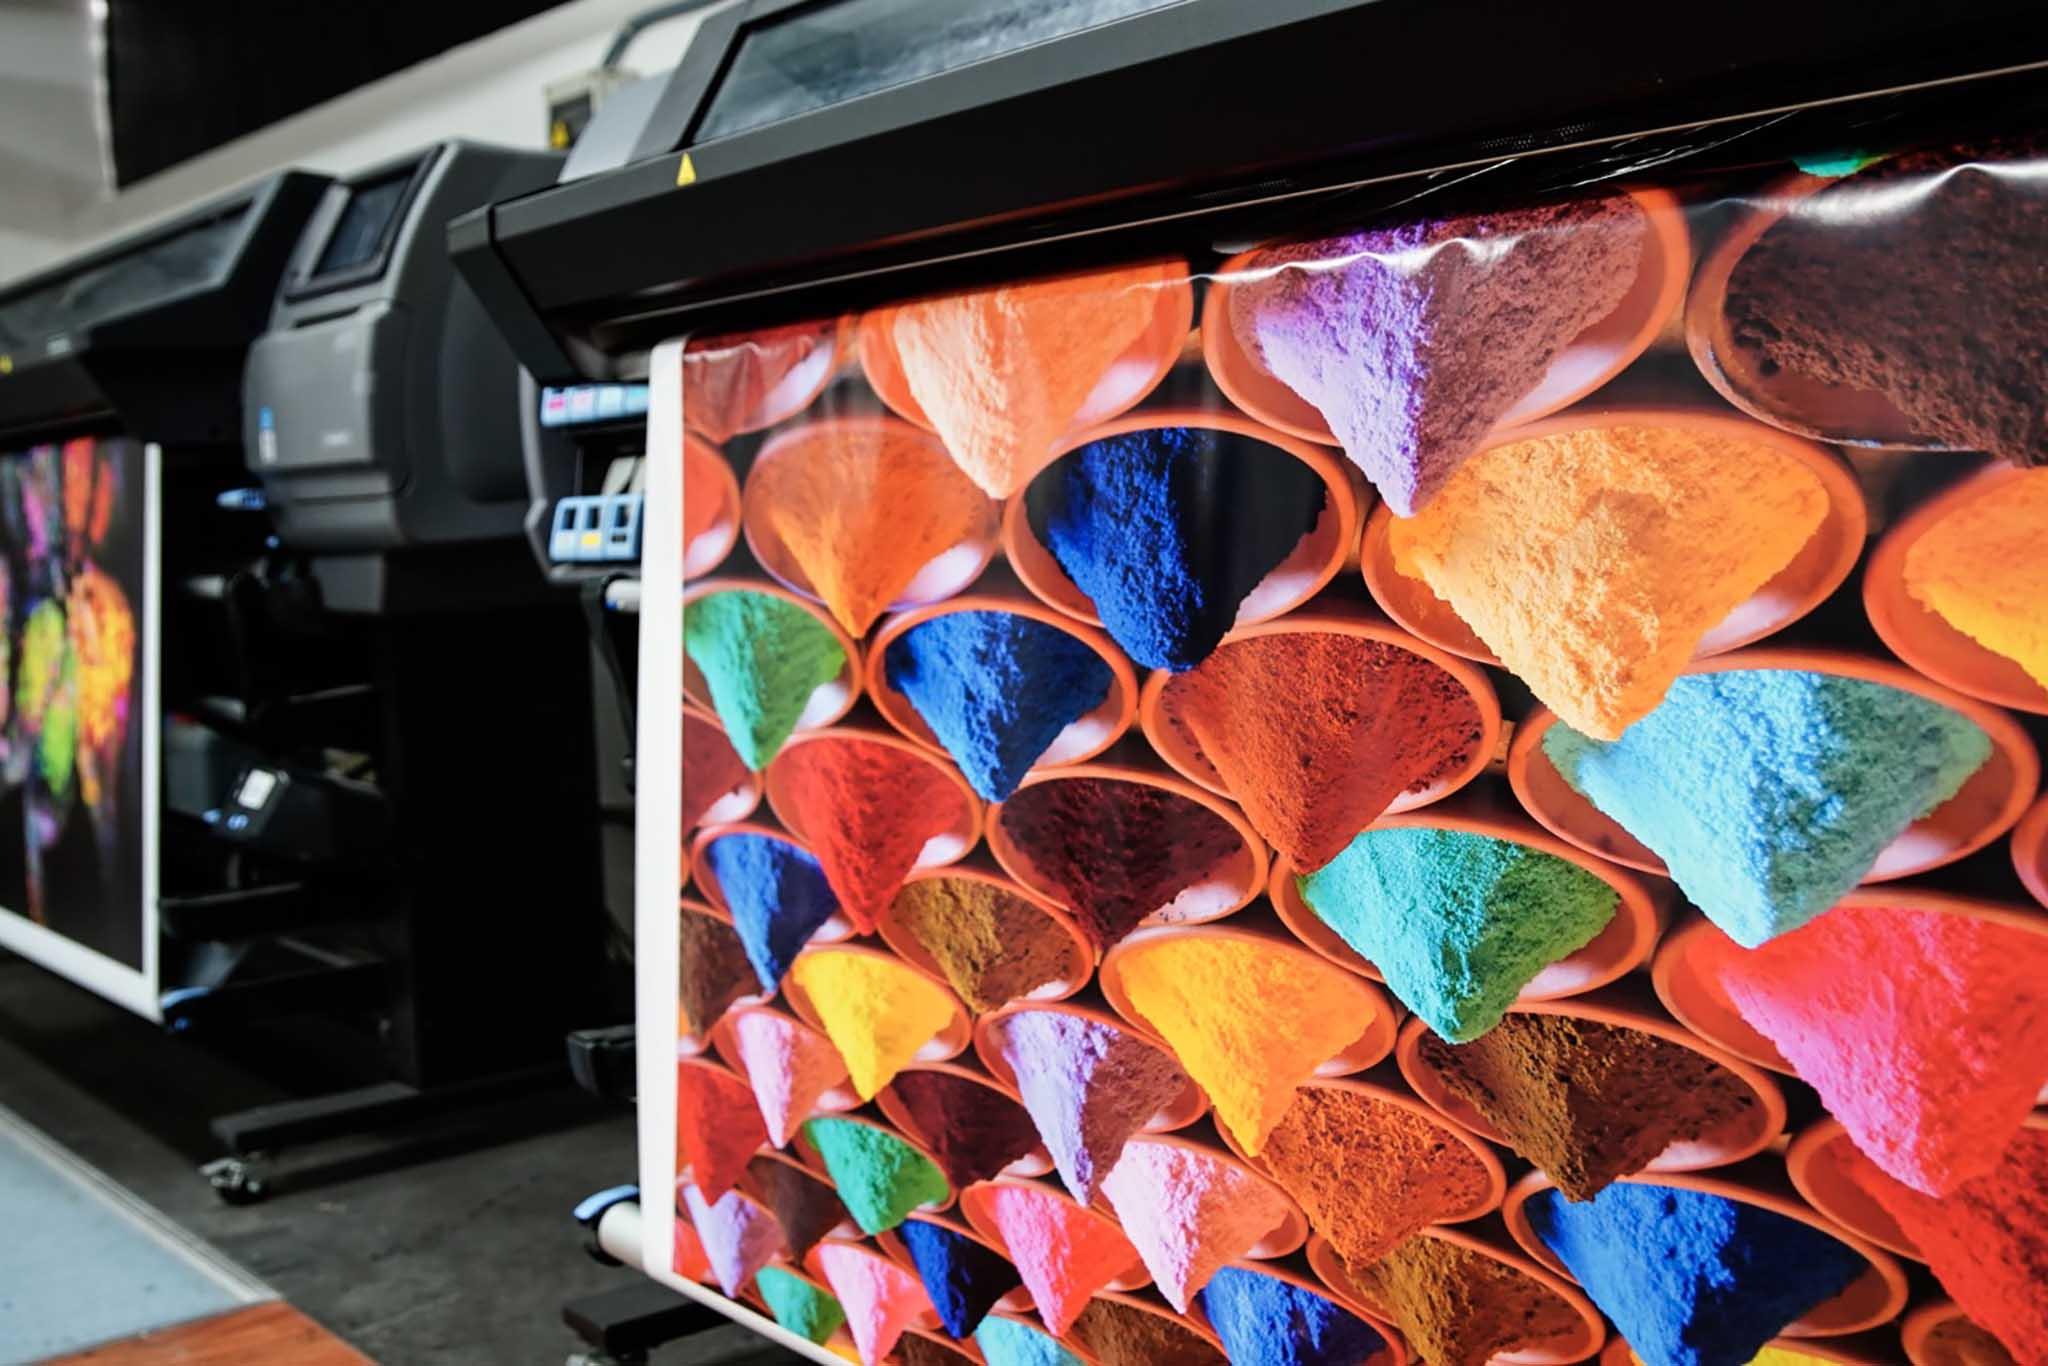 Dos impresoras producción (imagen colores)